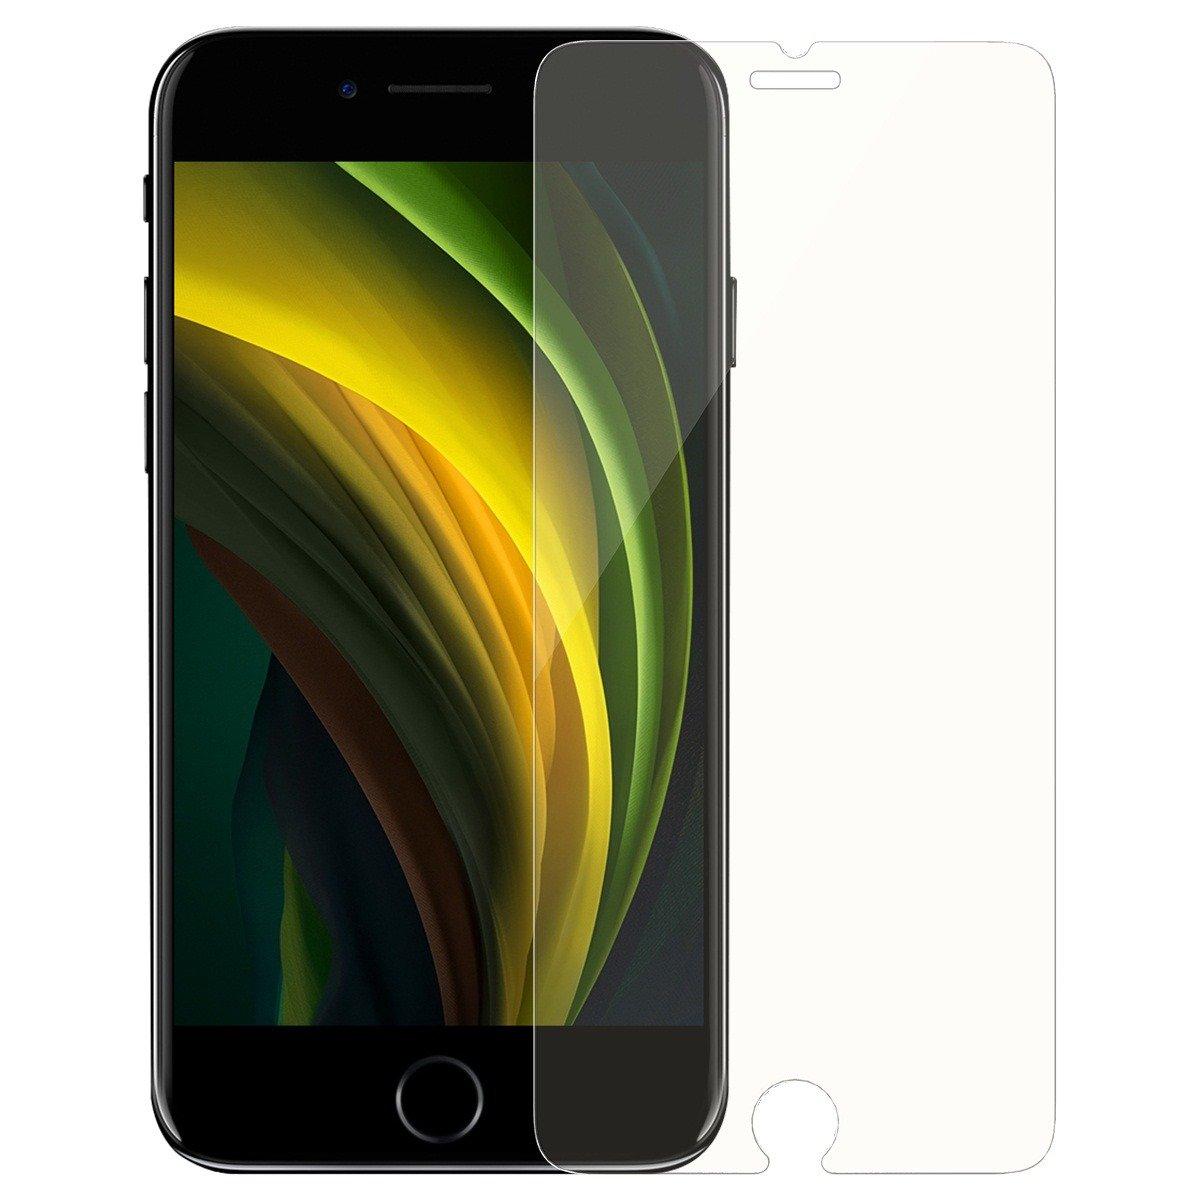 Pachet 2 folii de sticla pentru protectie ecran, Apple iPhone SE 2020, Protectie 9H, 4.7 inch imagine